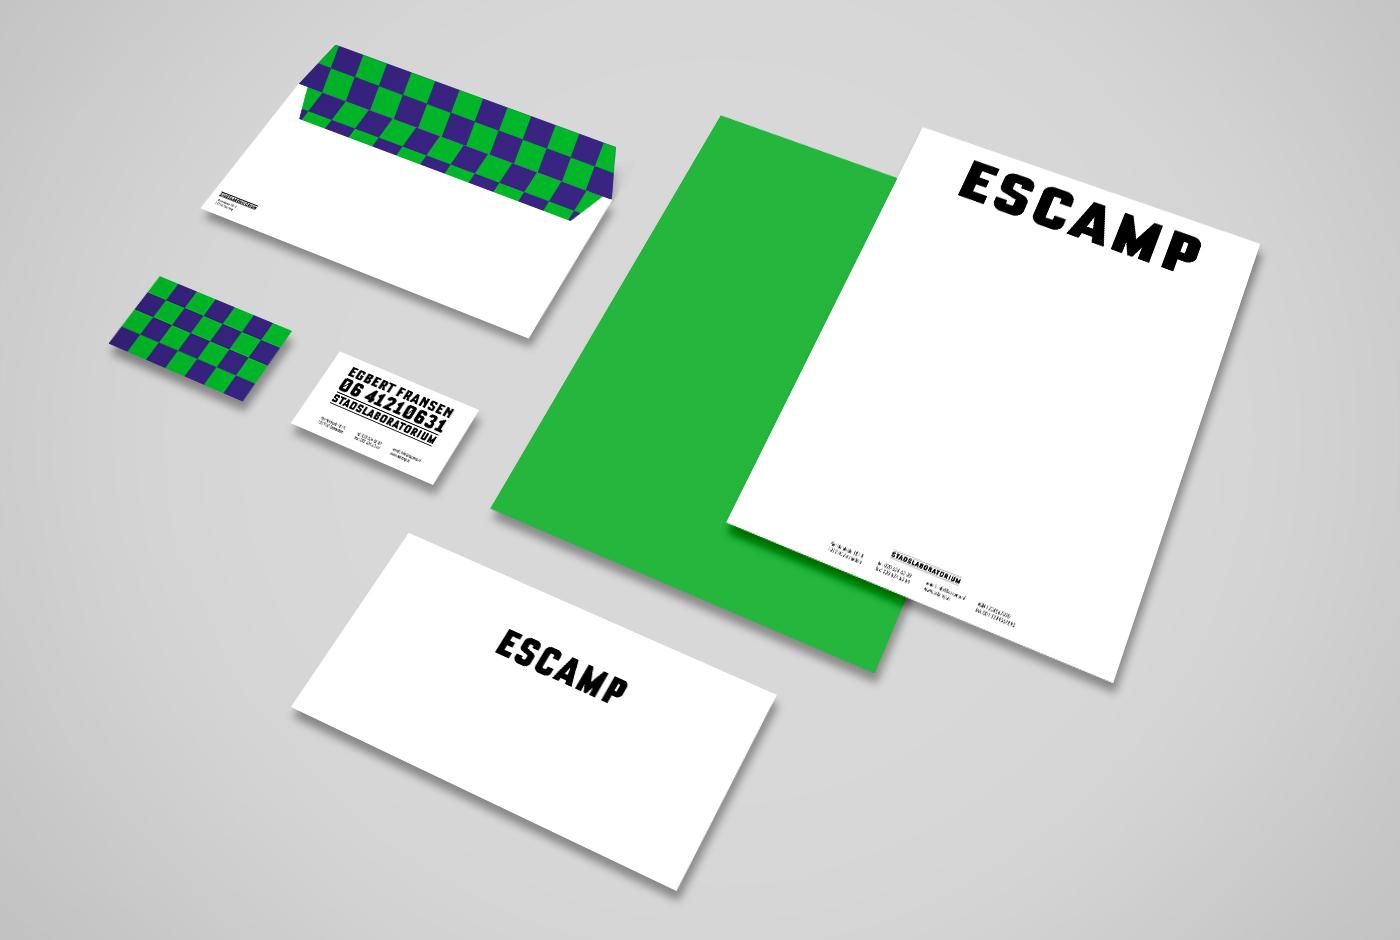 Escamp Identity